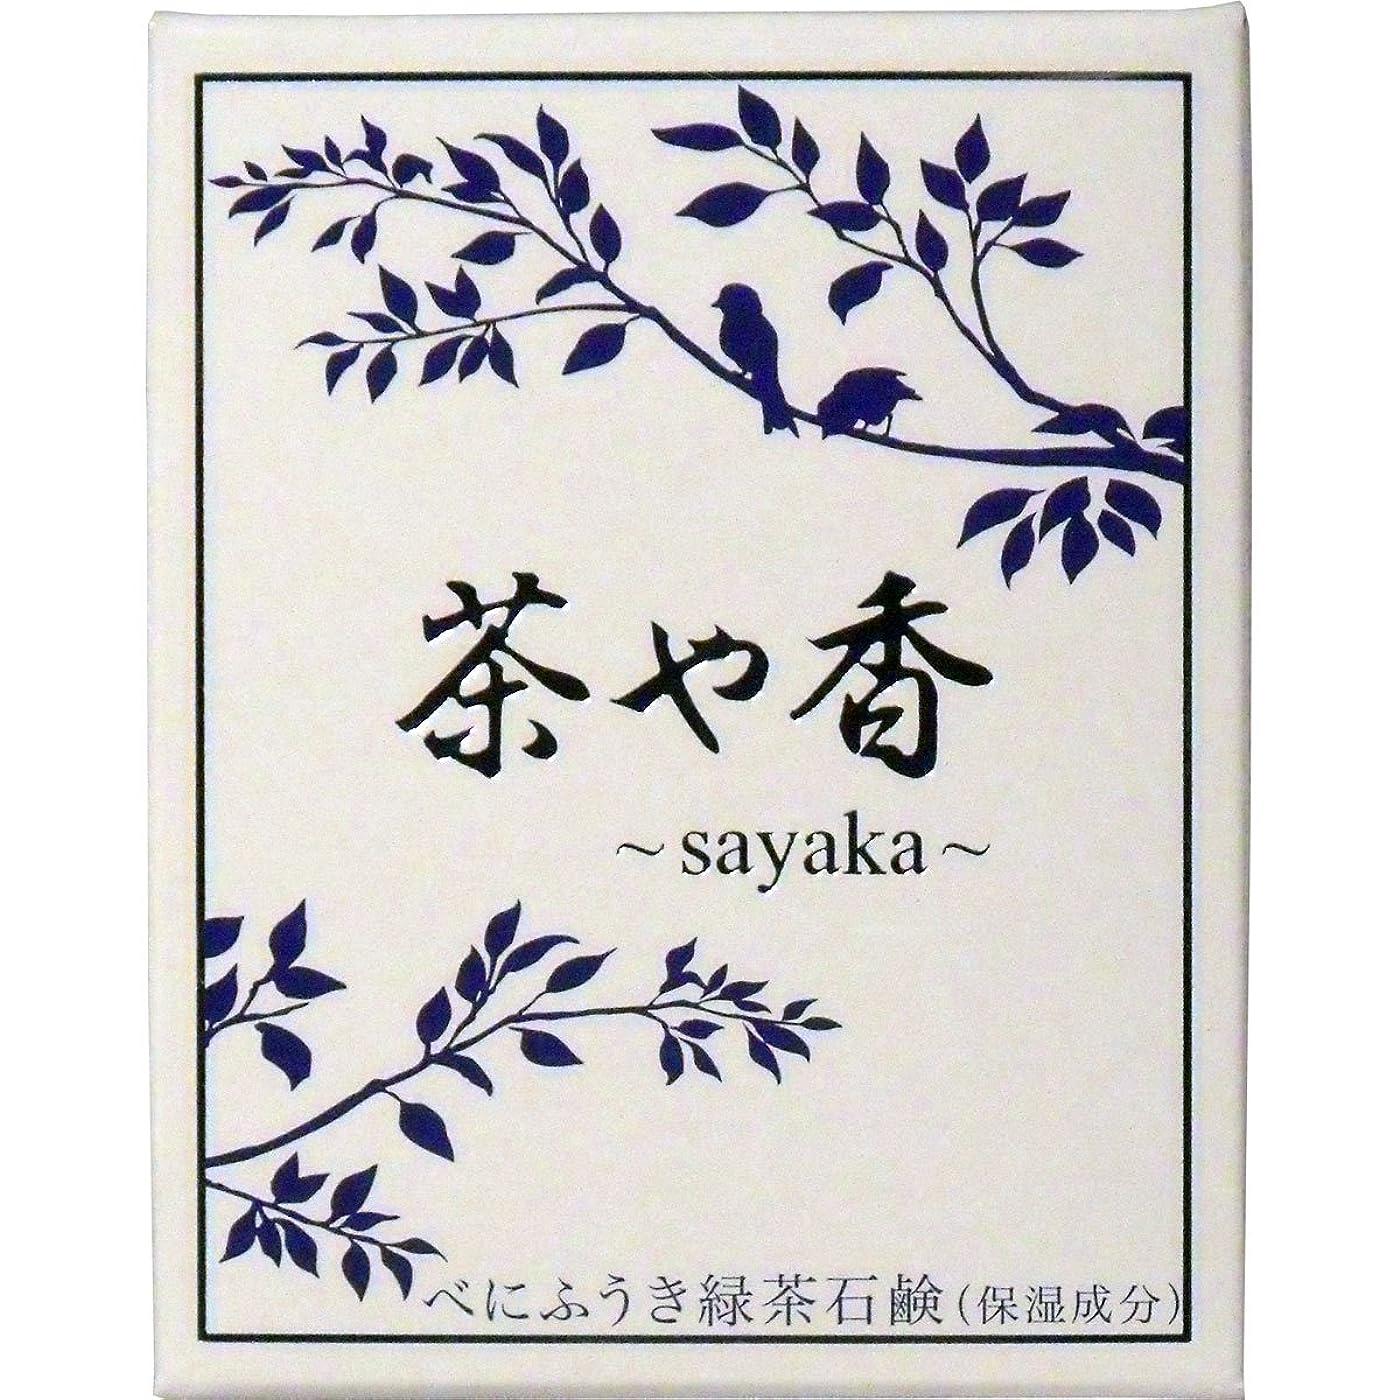 僕の国籍何茶や香 -sayaka- べにふうき緑茶石鹸 100g入 ×3個セット